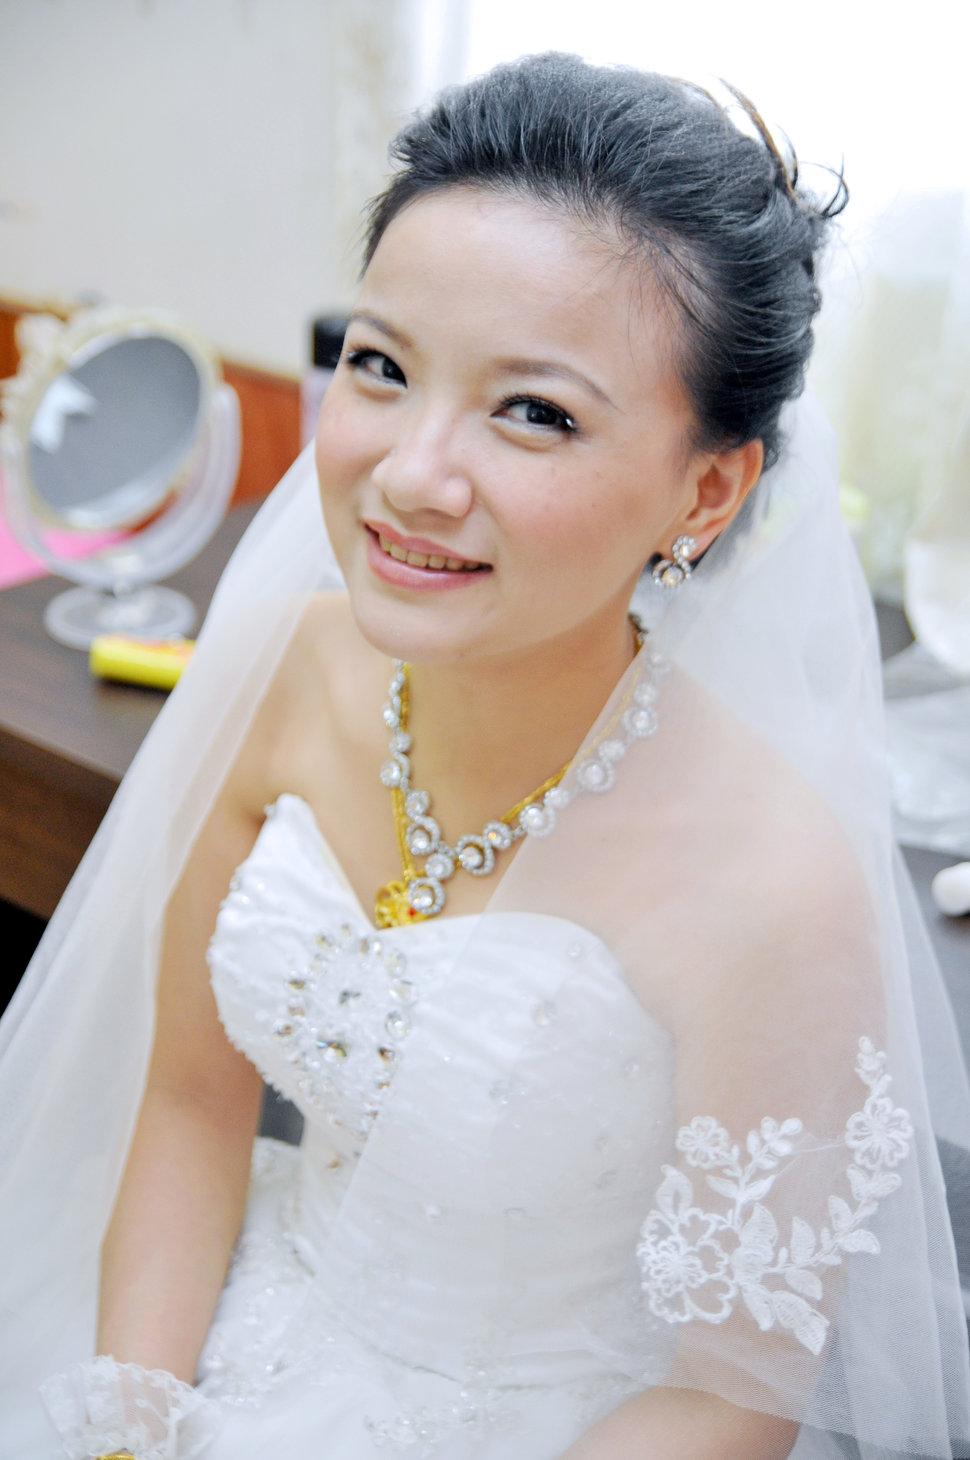 登璿&湘敏 迎娶_012 - 克里斯 婚禮紀錄 - 結婚吧